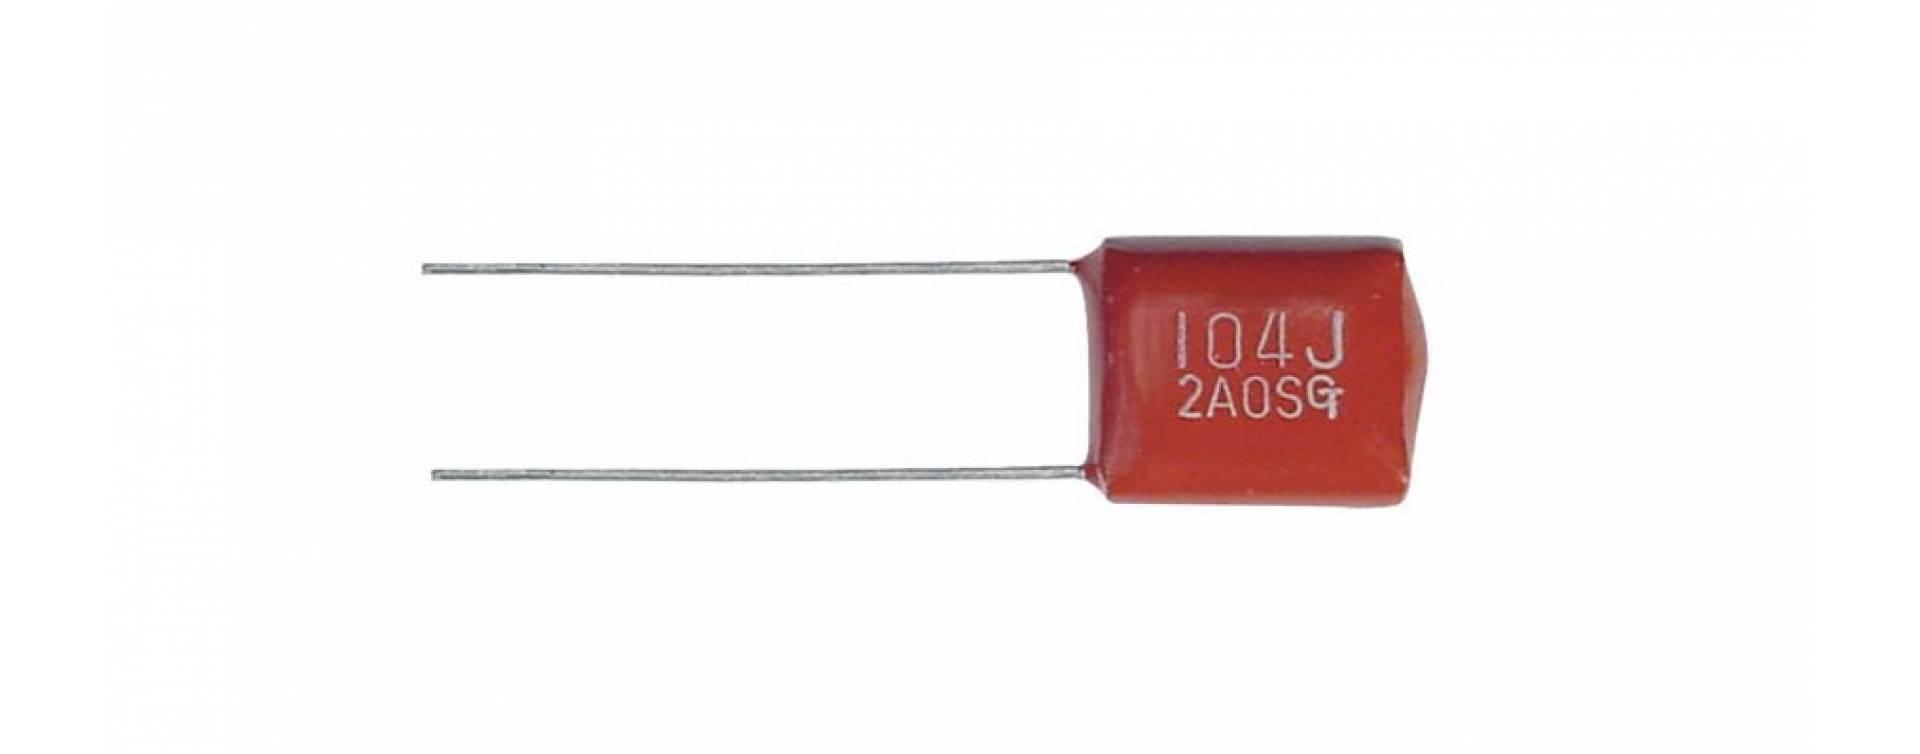 Kondenzátory - Kapacitatory